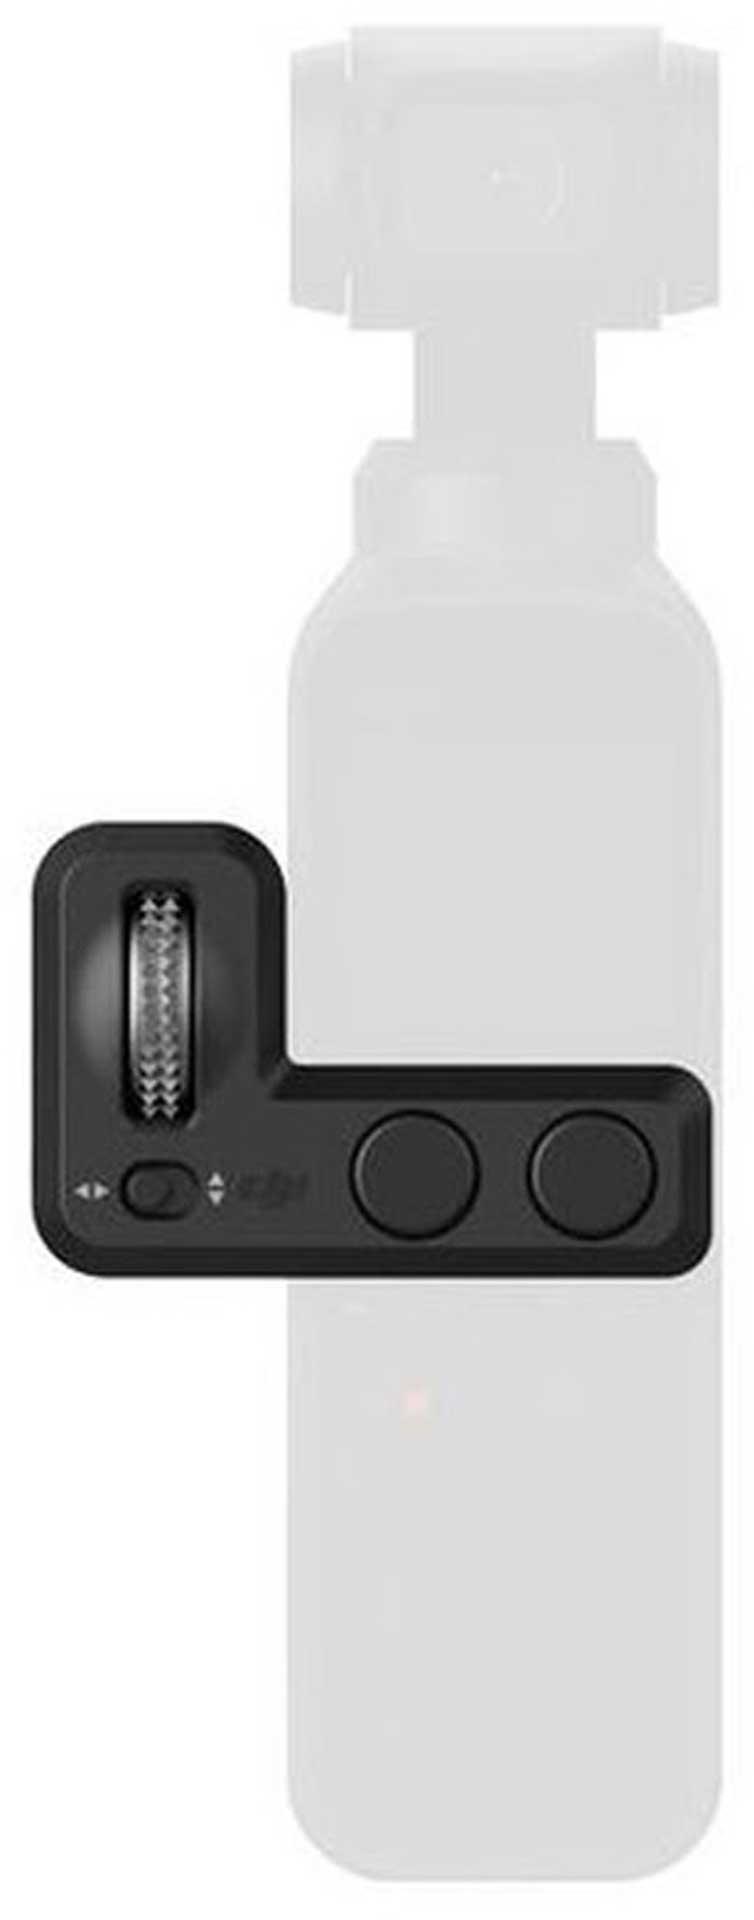 DJI OSMO Pocket - Expansion Kit Part 13